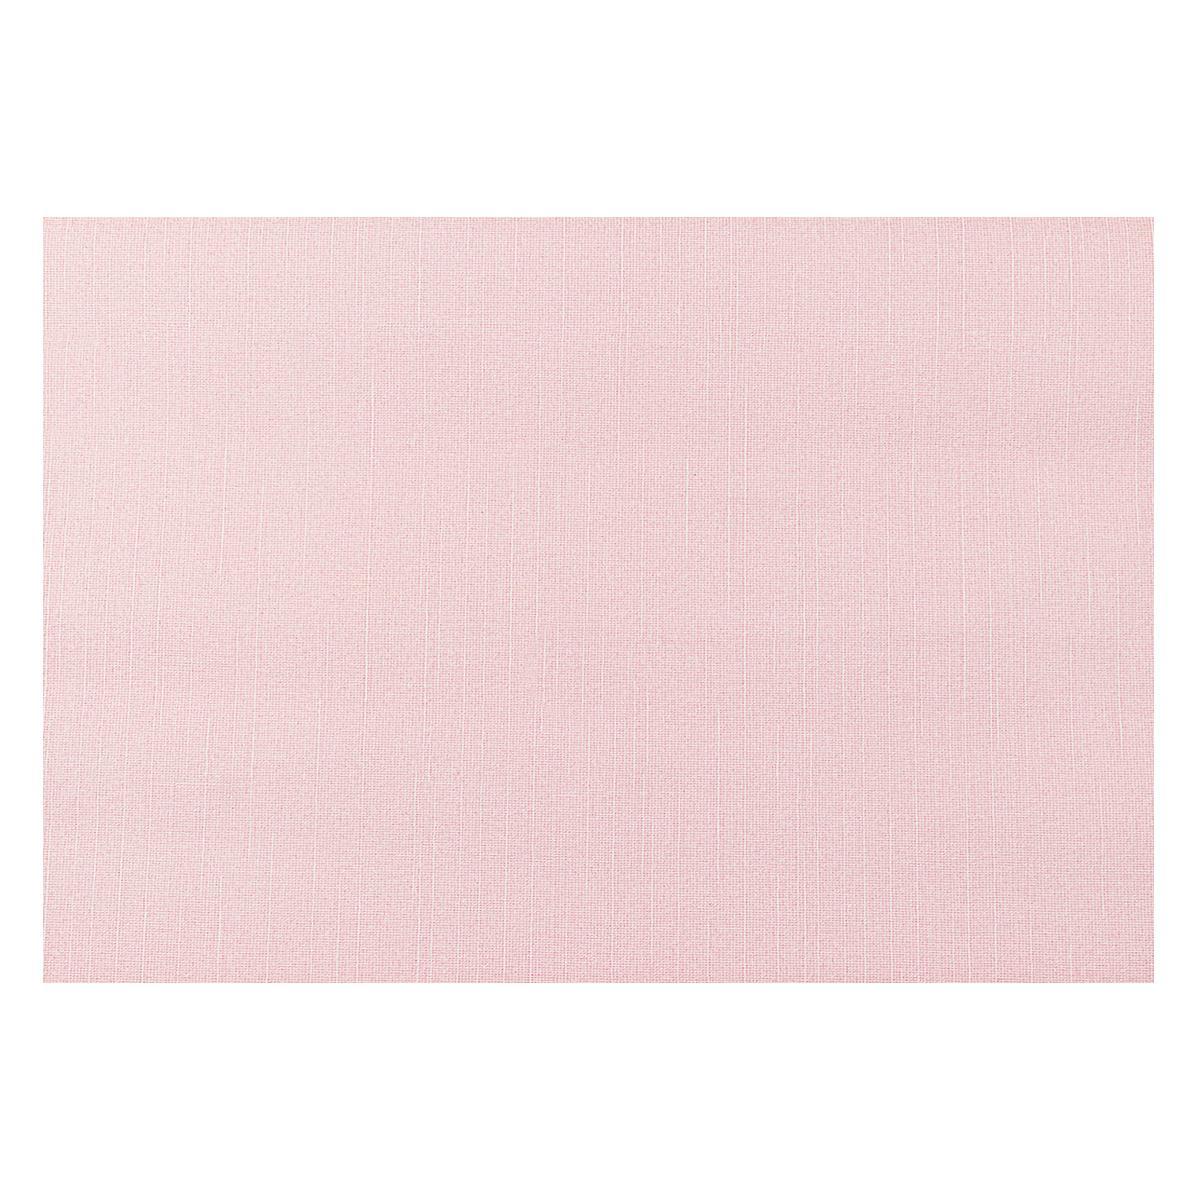 Papel Decorativo Amaze Rosado Mate - 53X1000 cm - 5.30 m2